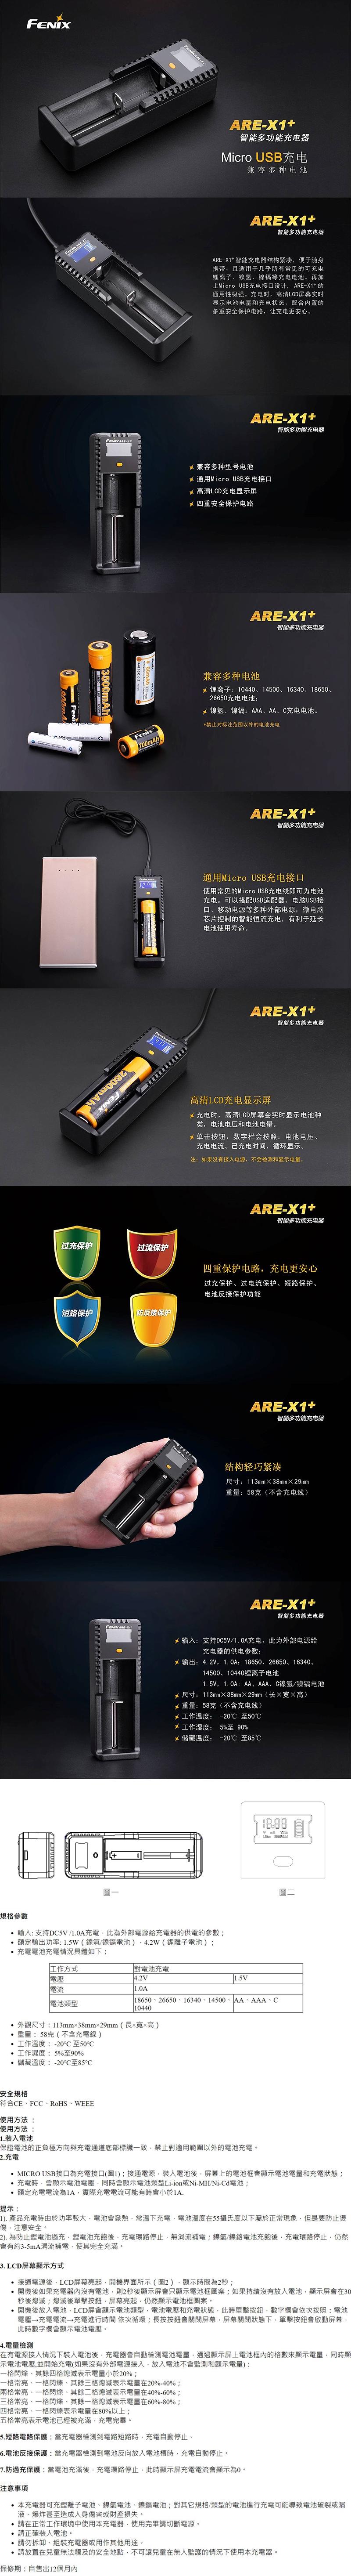 【錸特光電】特惠套裝 FENIX PD32 V2.0 1200流明 勤務小直手電筒 + ARE-X1+ 智慧多功能充電器